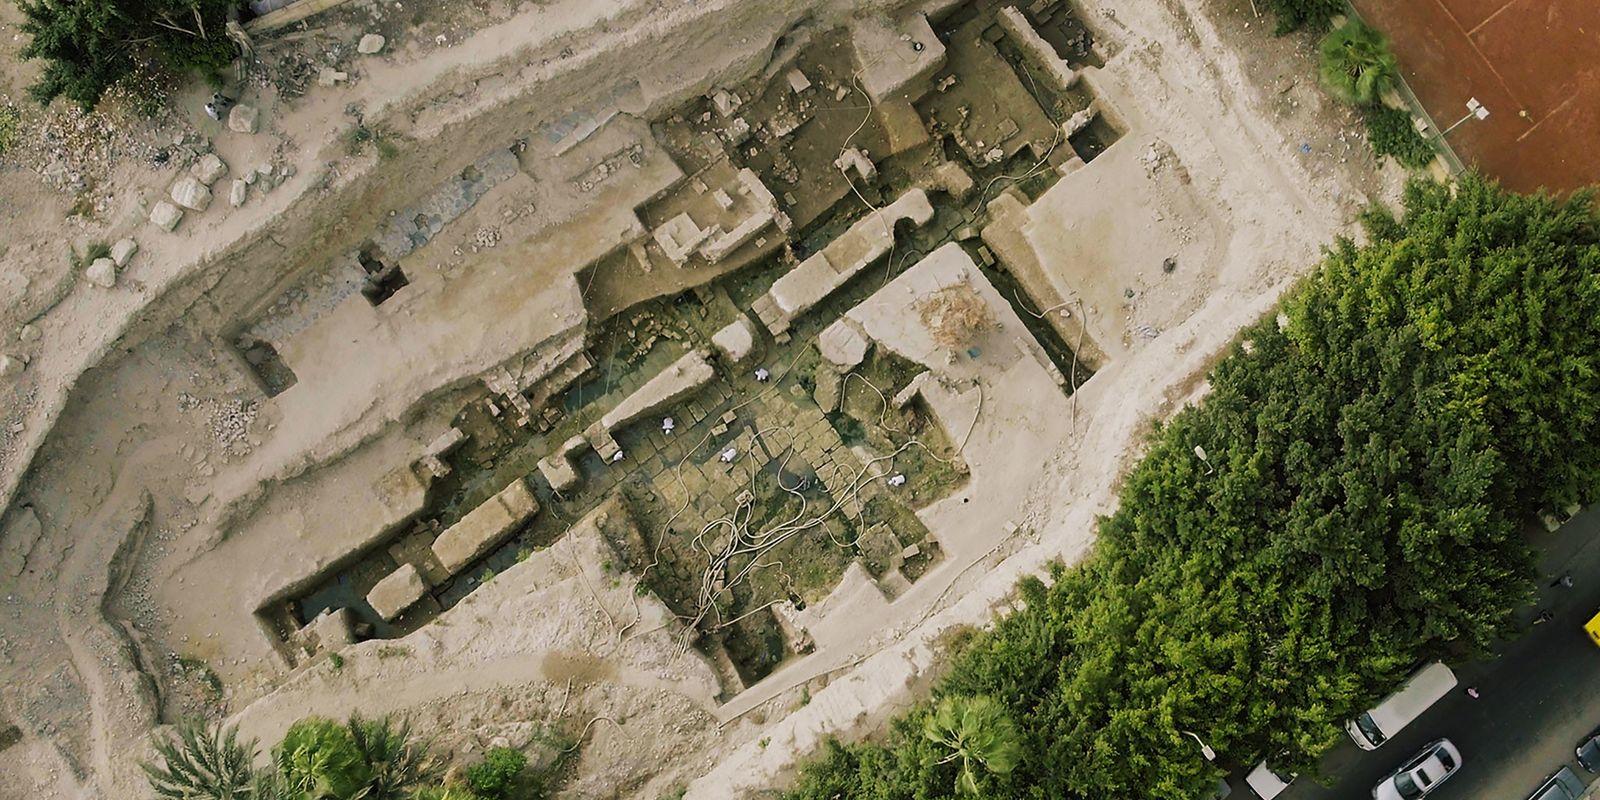 Alexander der Große: Neue Hinweise auf verschollenes Grab